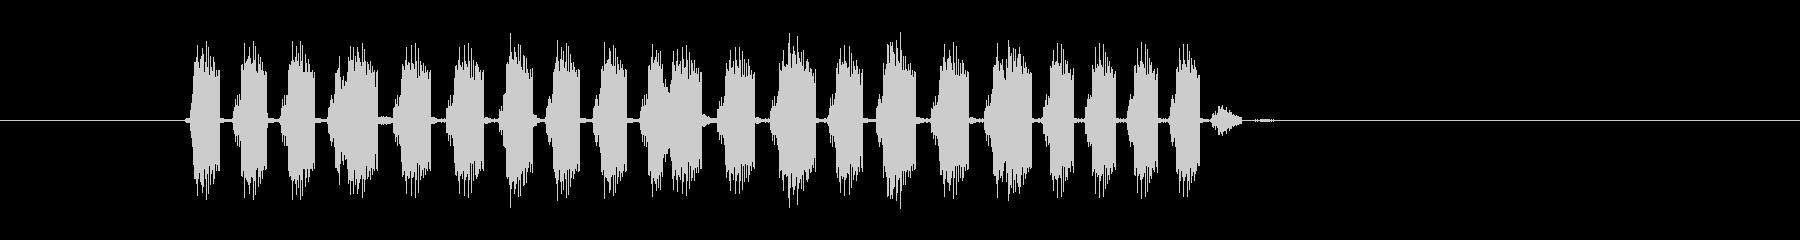 ババババーババババッ!(ランダム再生音)の未再生の波形